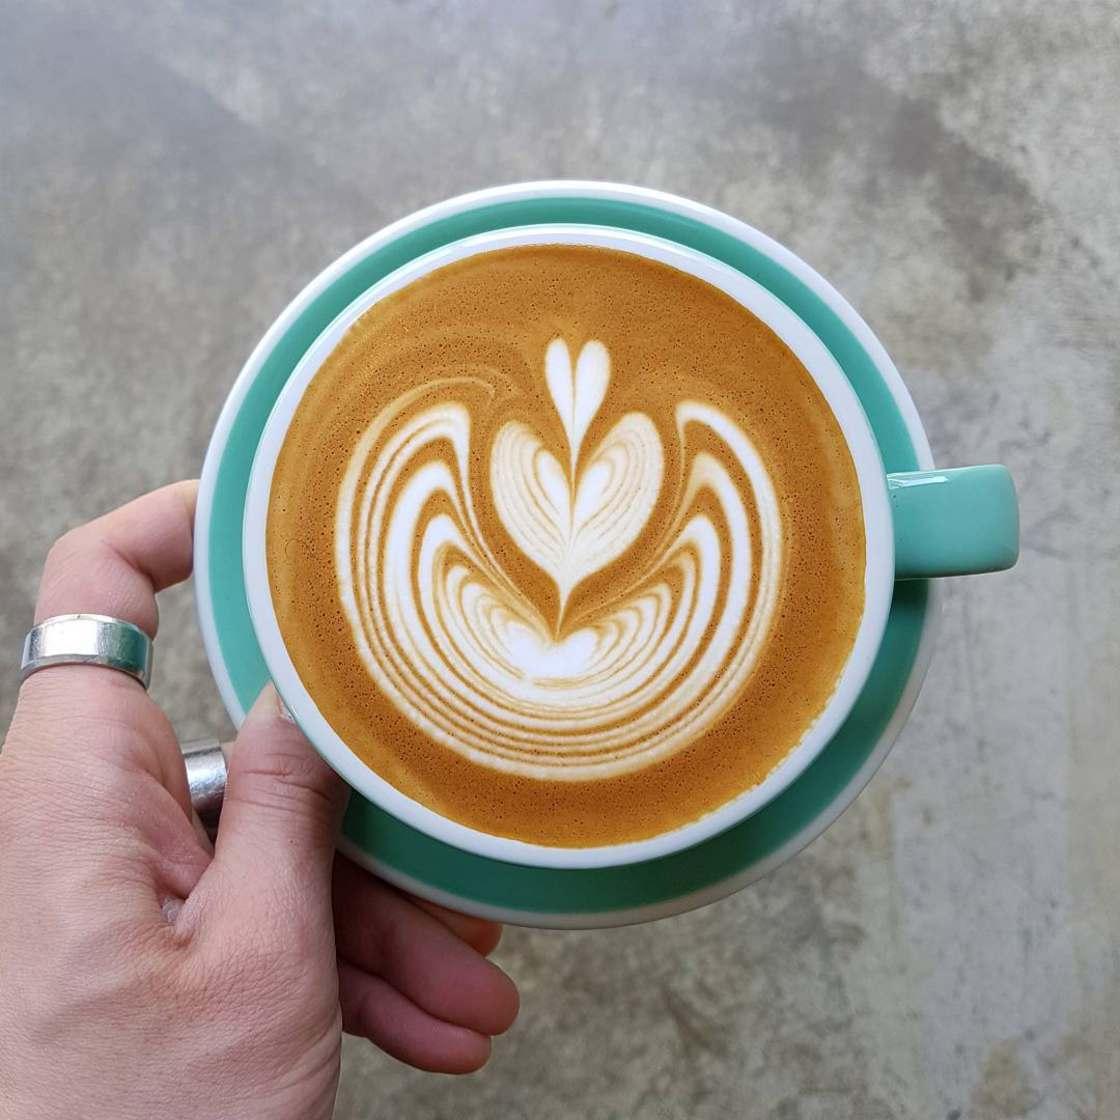 art-on-coffee-lee-kang-bin-15.jpg